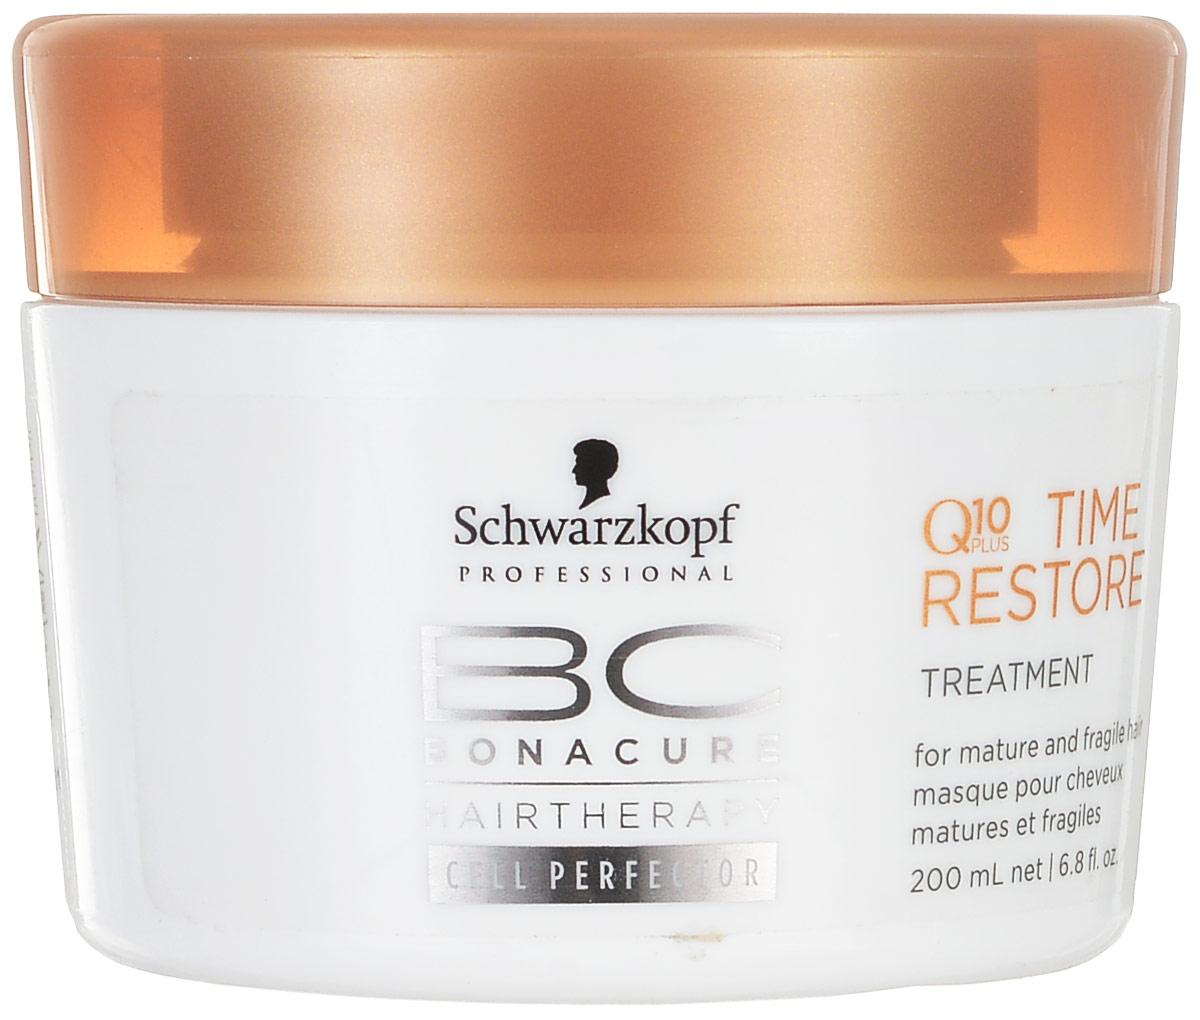 Bonacure BC Маска для волос Time Restore. Q10 Plus, возрождающая, 200 мл099-1800721/238Маска для волос Schwarzkopf & Henkel Time Restore. Q10 Plus - глубоко проникающая, интенсивная и роскошная крем-маска. Насыщает зрелые и хрупкие волосы, заряжает их большей силой, чтобы бороться с признаками старения. Гарантирует волосам мягкость, прочность и здоровье. Вялые волосы наполняются блеском и сиянием. Применение : нанесите маску на чистые, подсушенные волосы полотенцем по всей длине волос. Выдержите 5-10 минут, затем смойте.